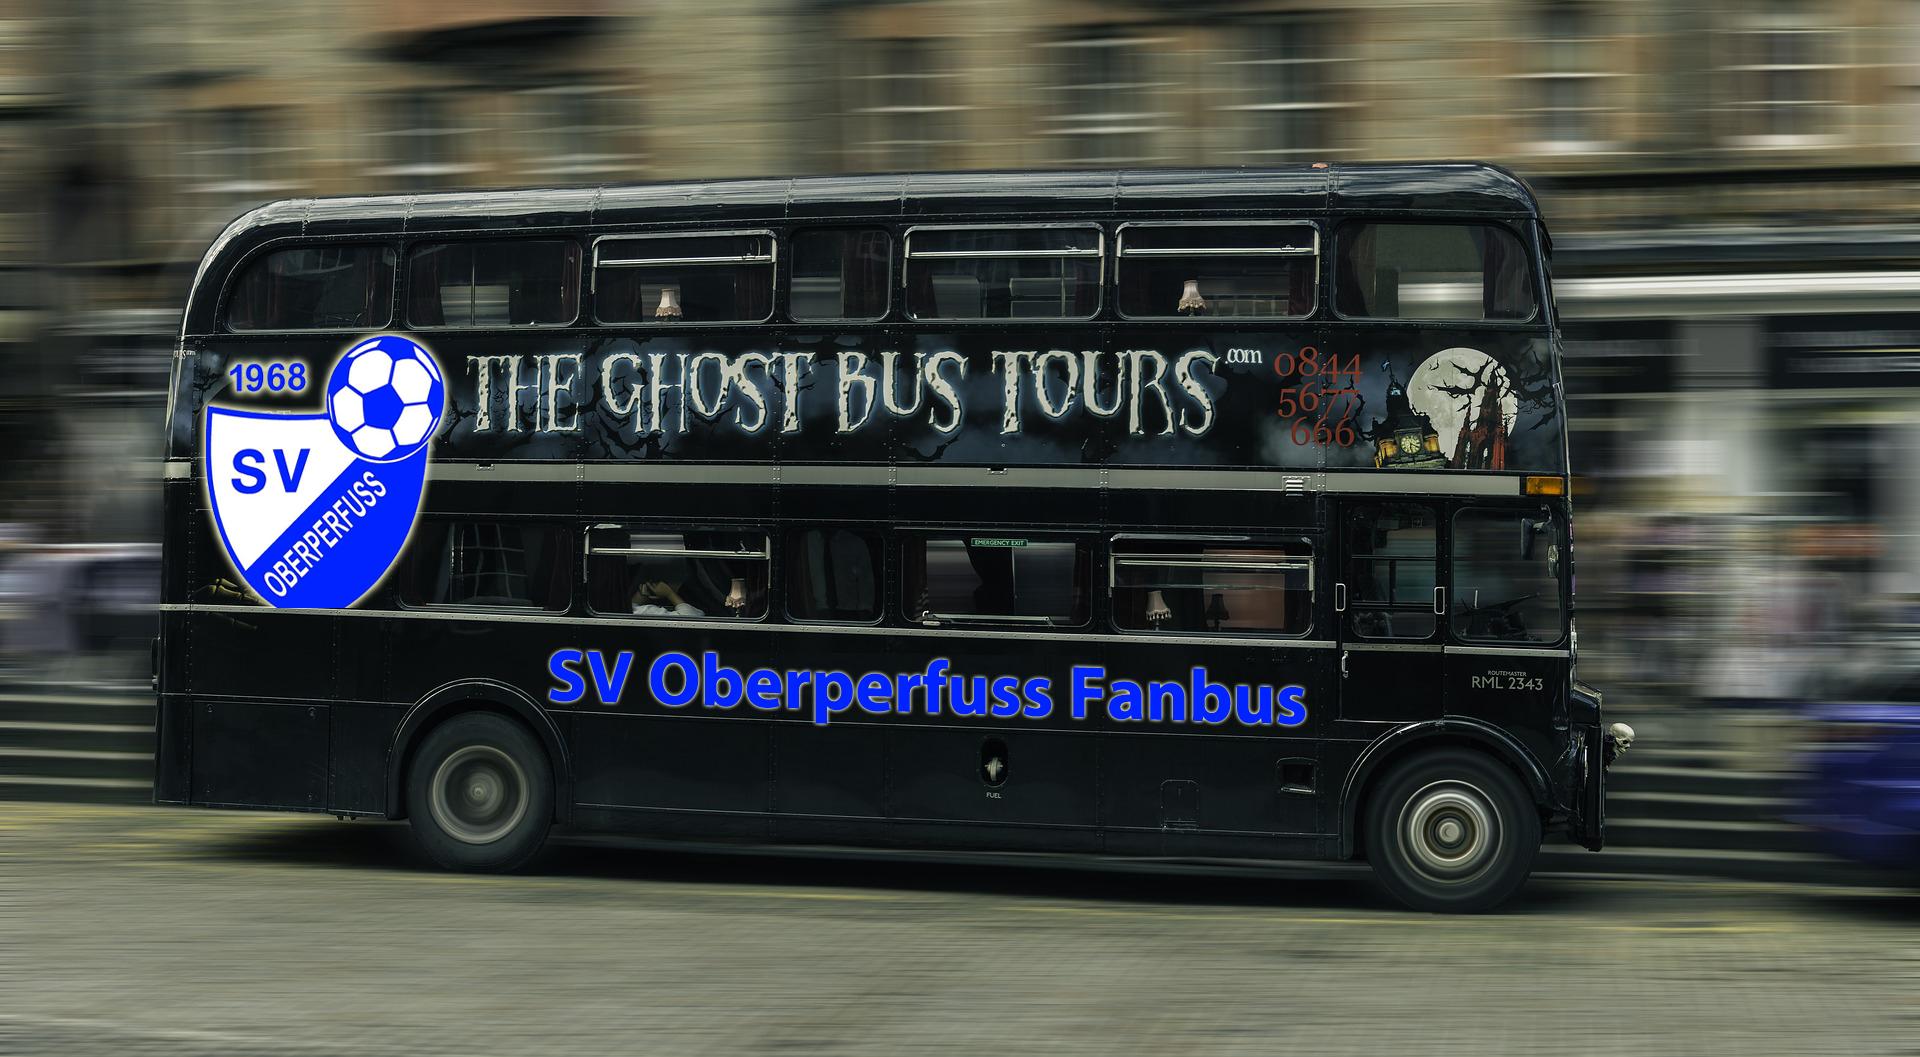 svo_bus